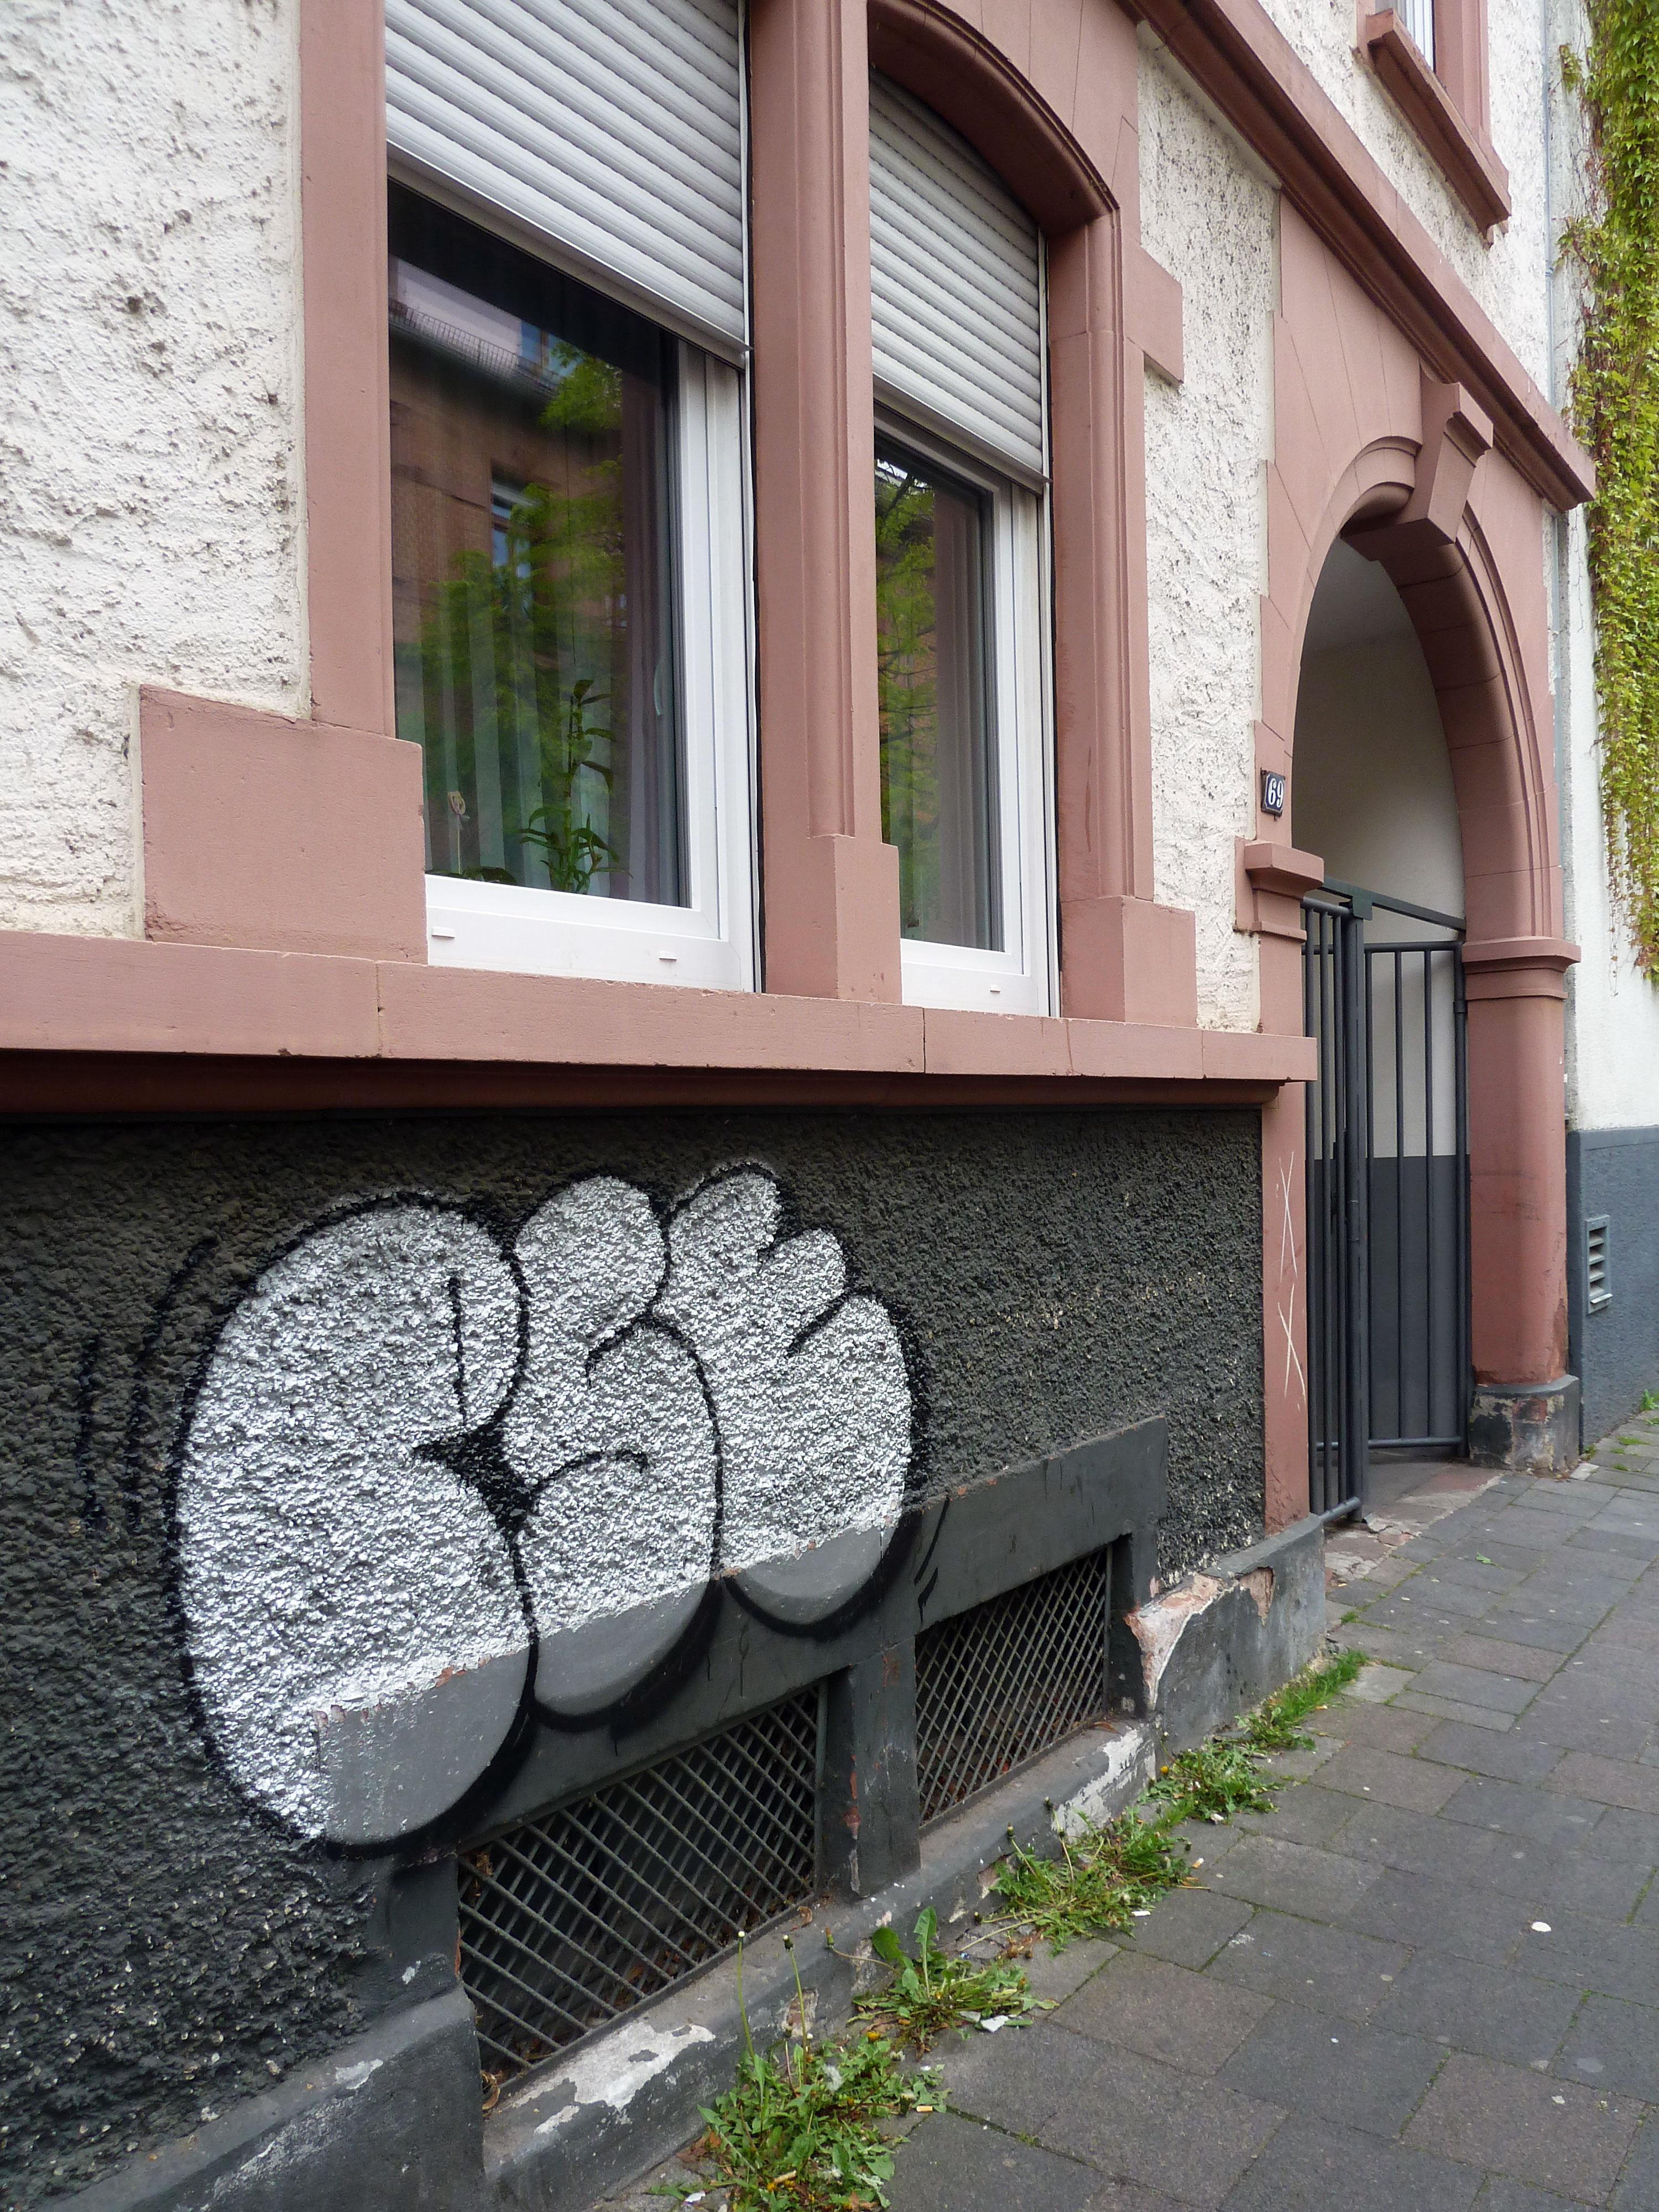 PSE-Graffiti in Offenbach